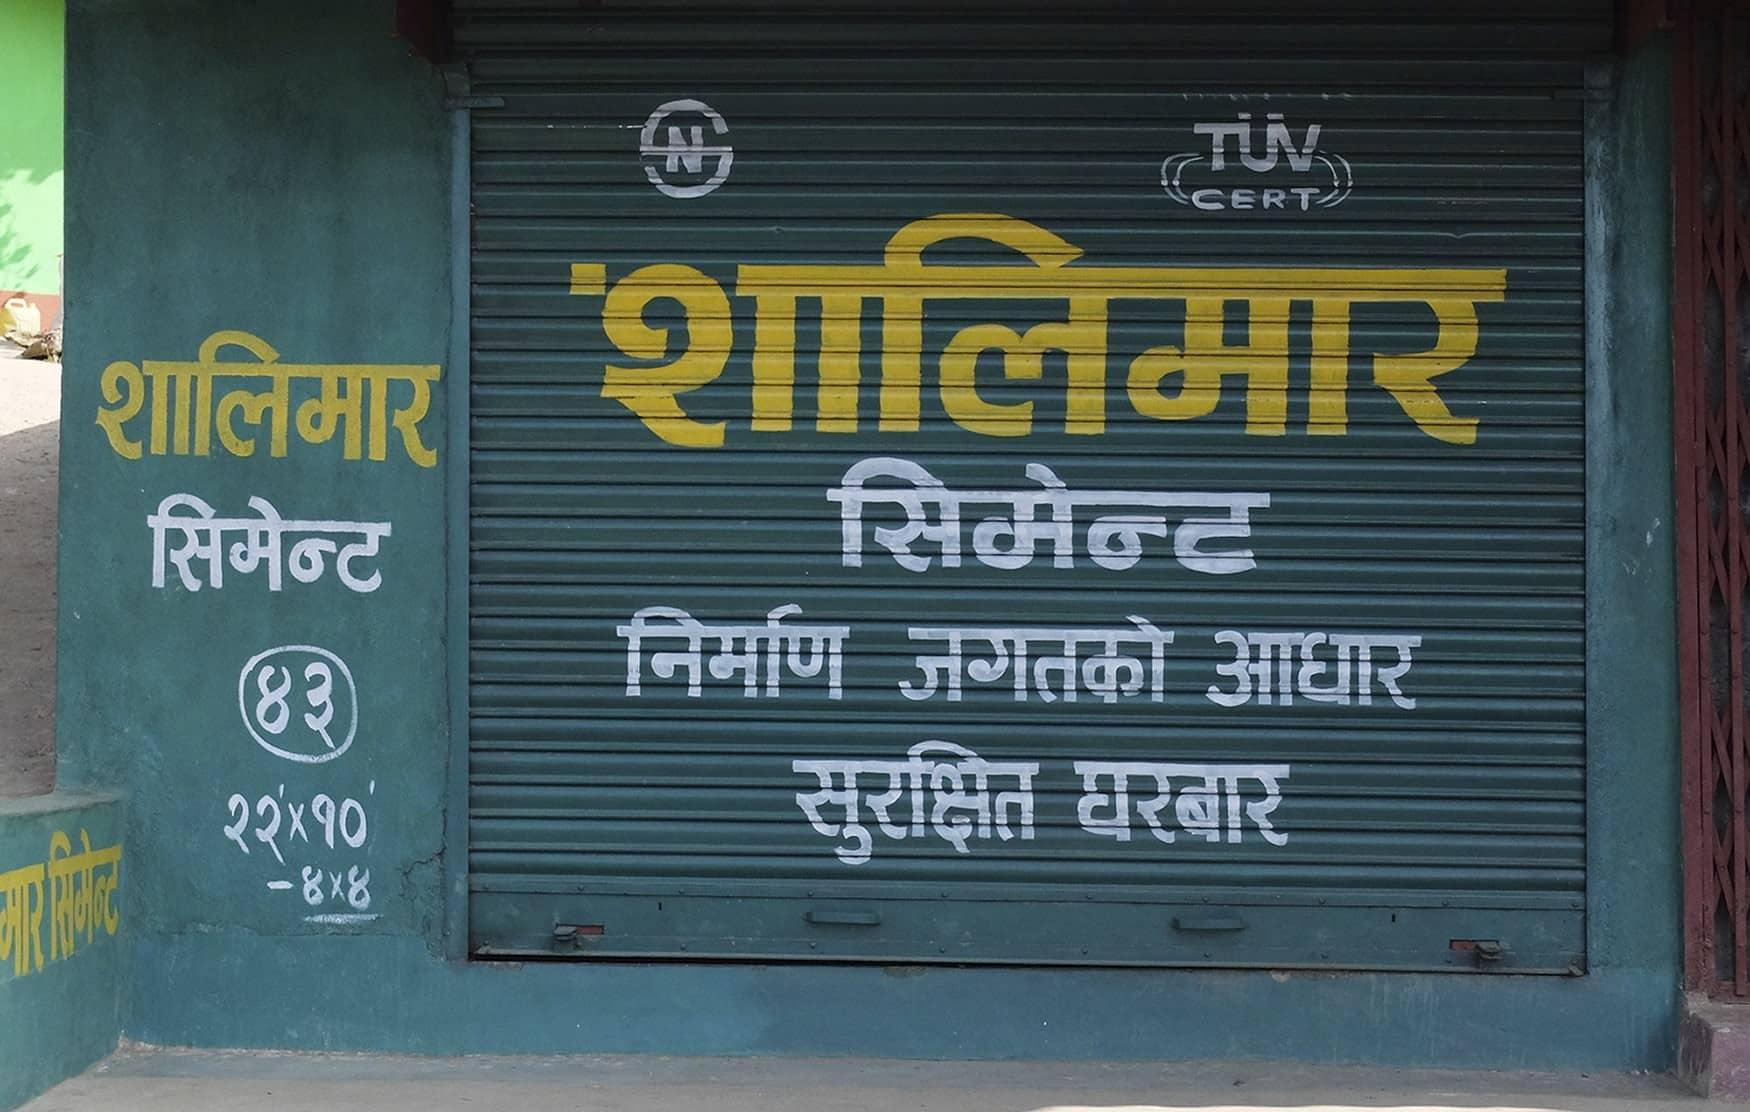 Fotografía en color de un graffiti con un diseño gráfico espectacular. Puerta de un negocio en Ilam, Nepal. Arte